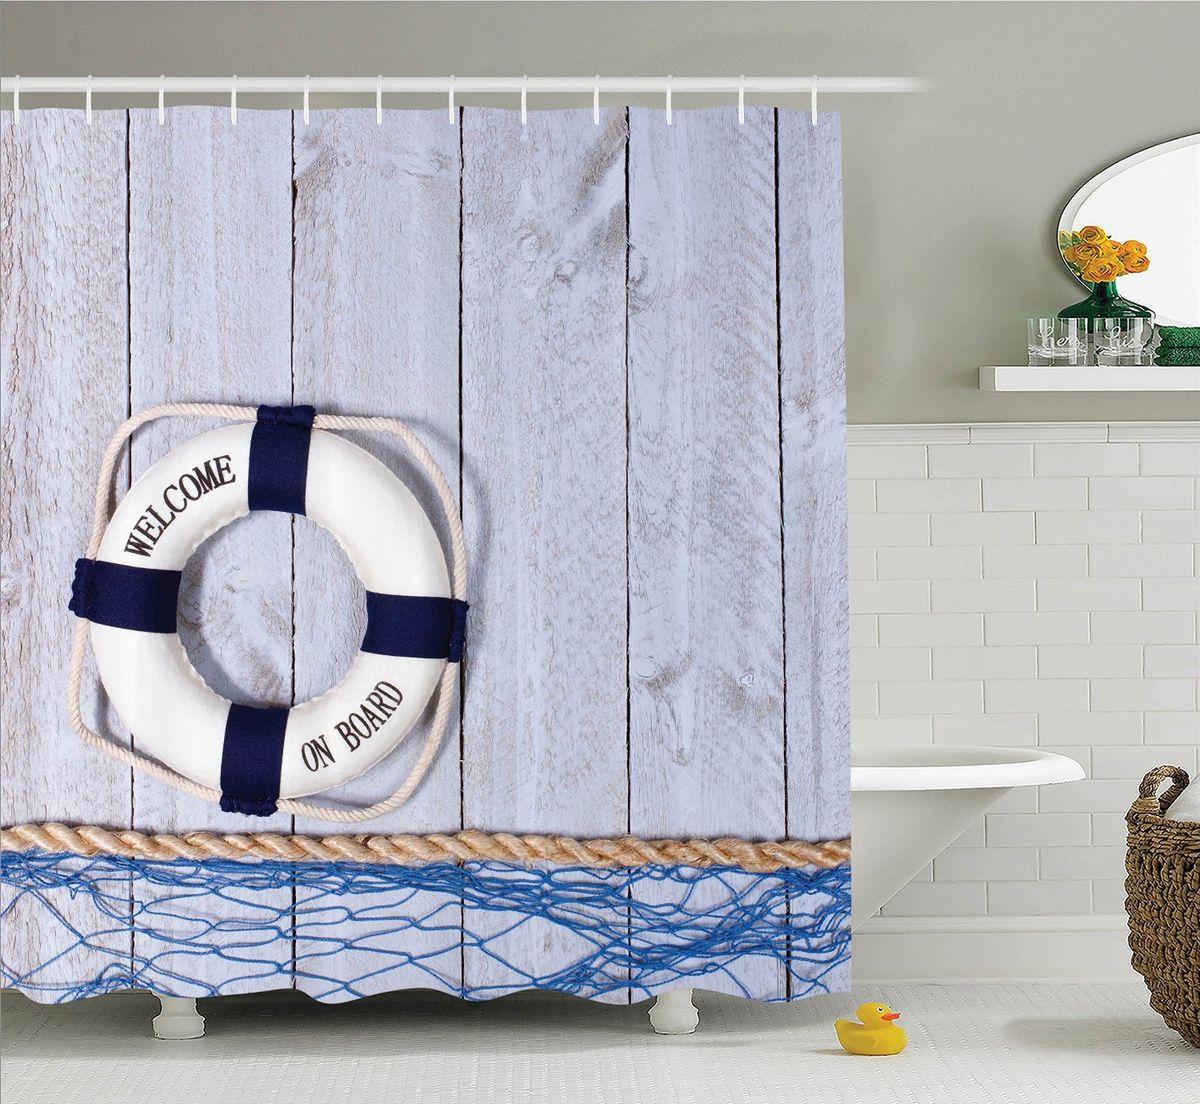 Штора для ванной комнаты Magic Lady Спасательный круг, 180 х 200 смшв_10831Штора Magic Lady Спасательный круг, изготовленная из высококачественного сатена (полиэстер 100%), отлично дополнит любой интерьер ванной комнаты. При изготовлении используются специальные гипоаллергенные чернила для прямой печати по ткани, безопасные для человека. В комплекте: 1 штора, 12 крючков. Обращаем ваше внимание, фактический цвет изделия может незначительно отличаться от представленного на фото.